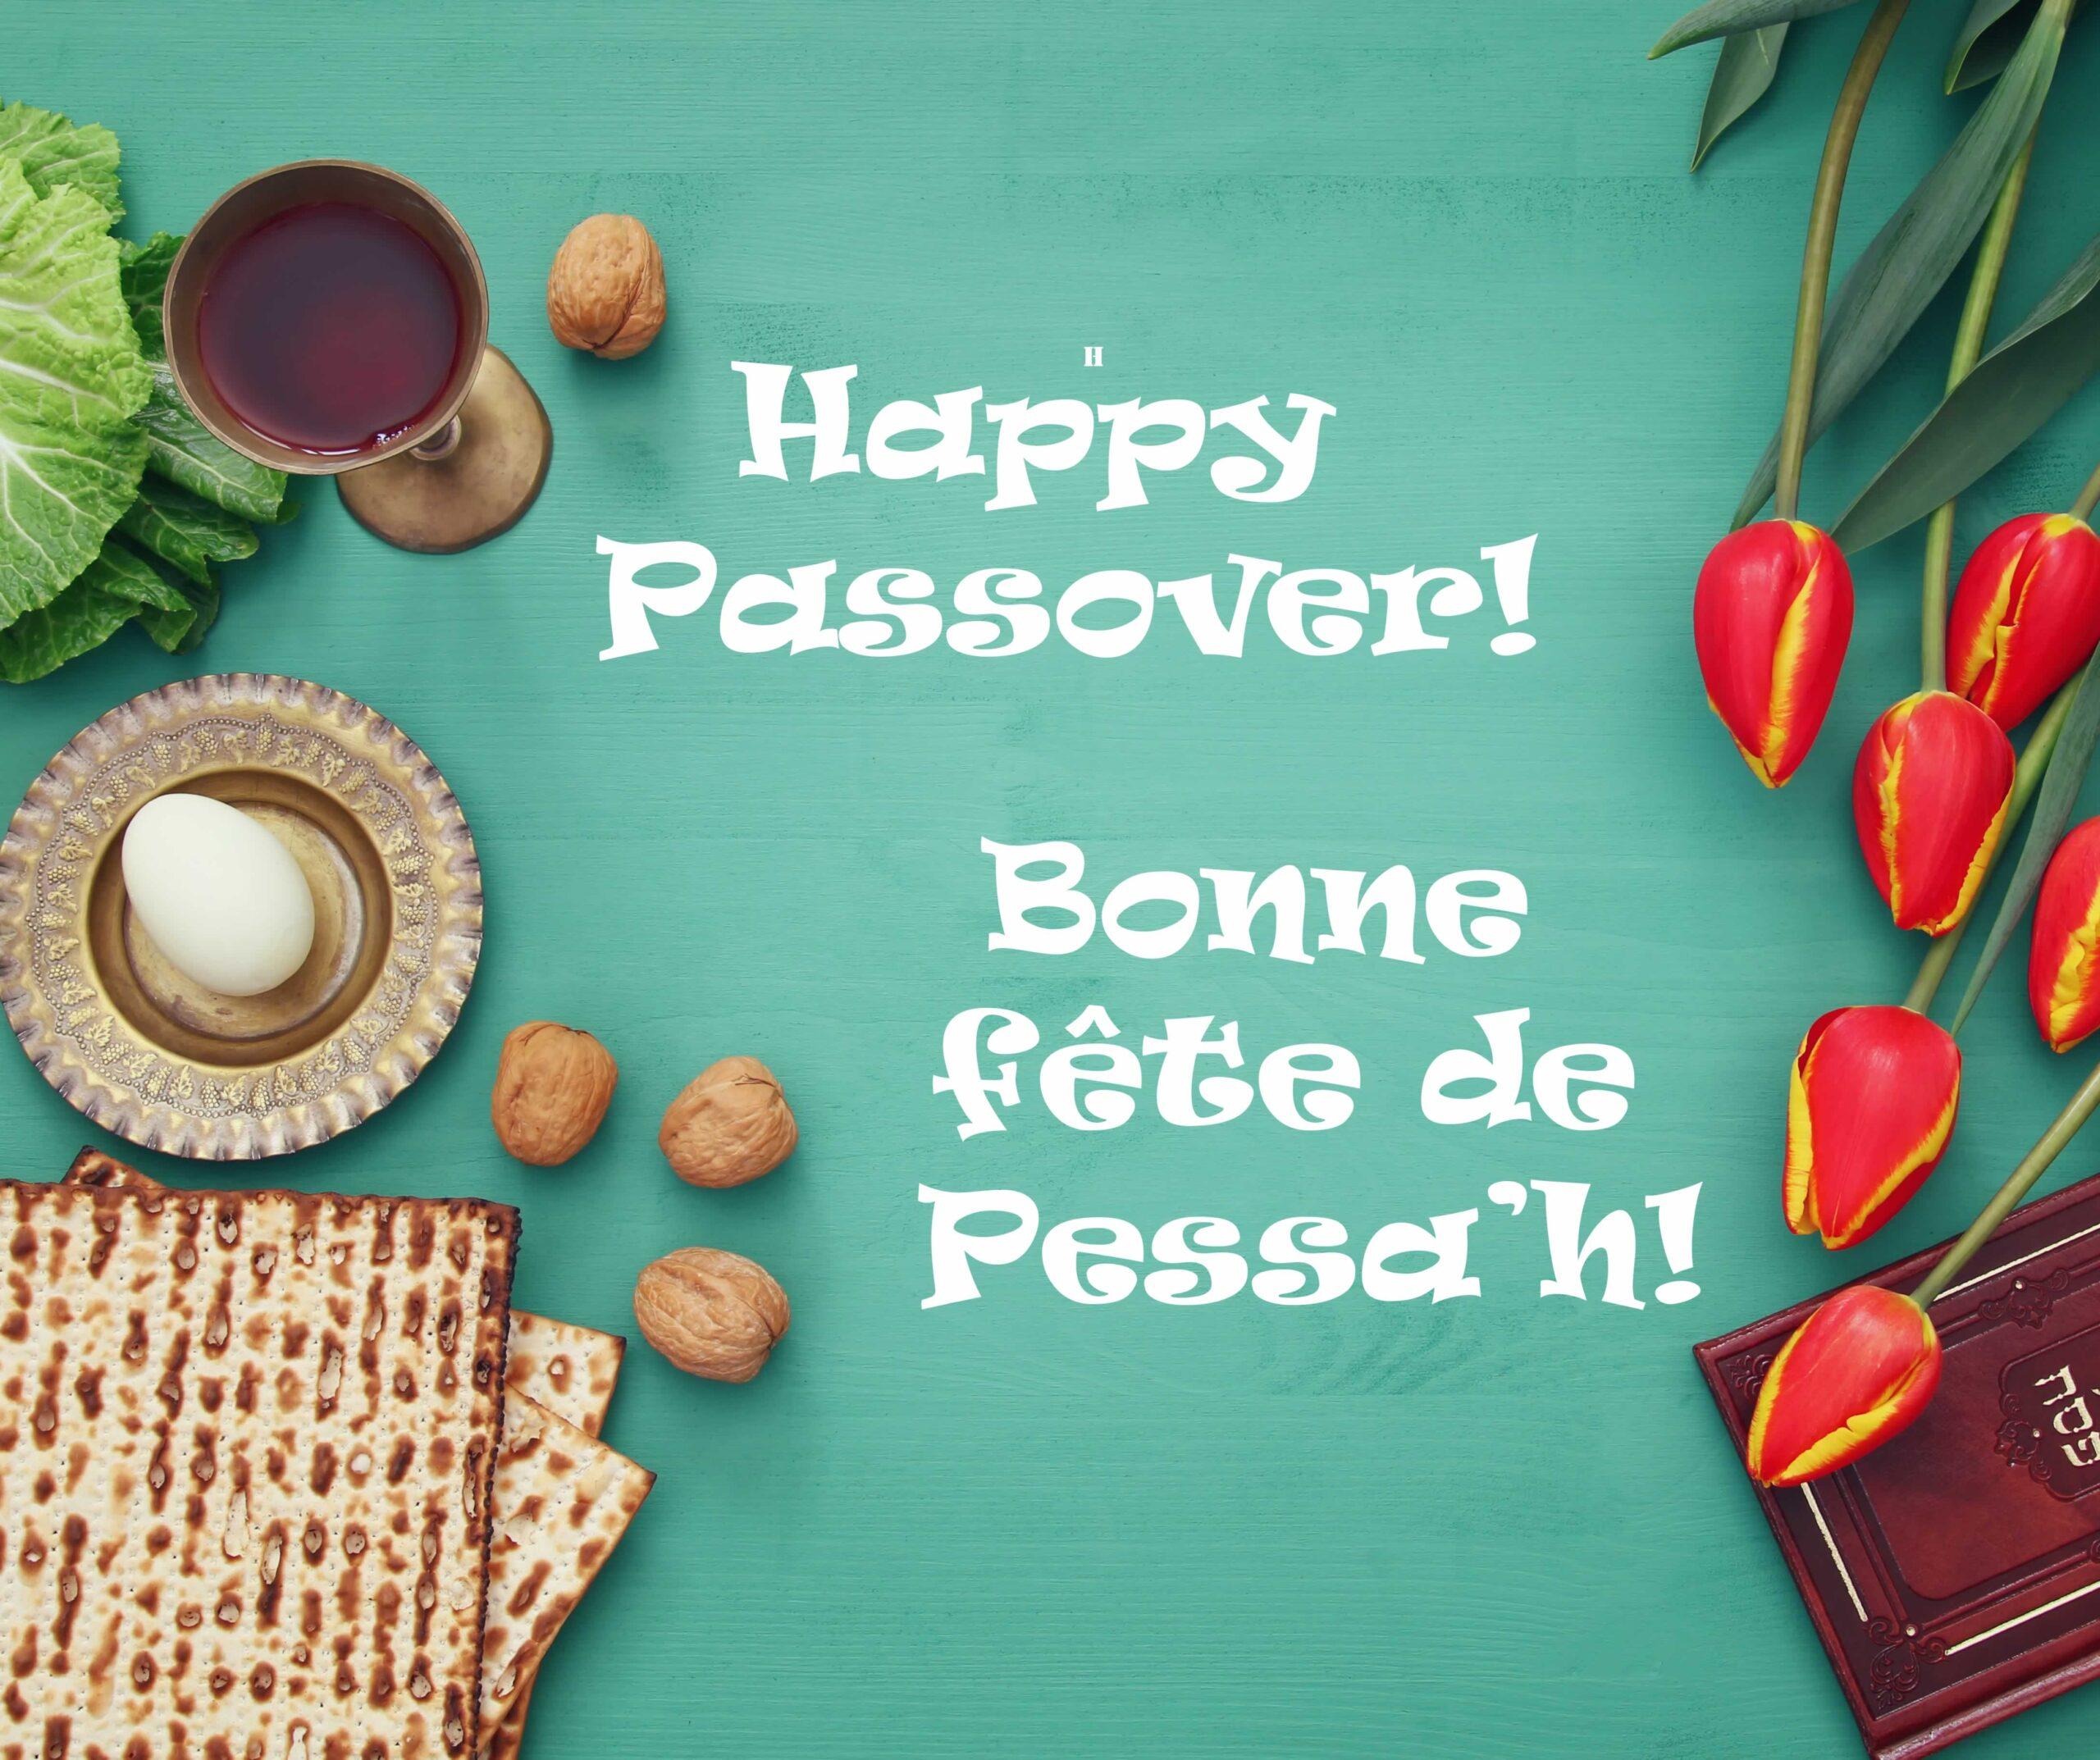 Happy Passover! Bonne fete de Pessa'h!